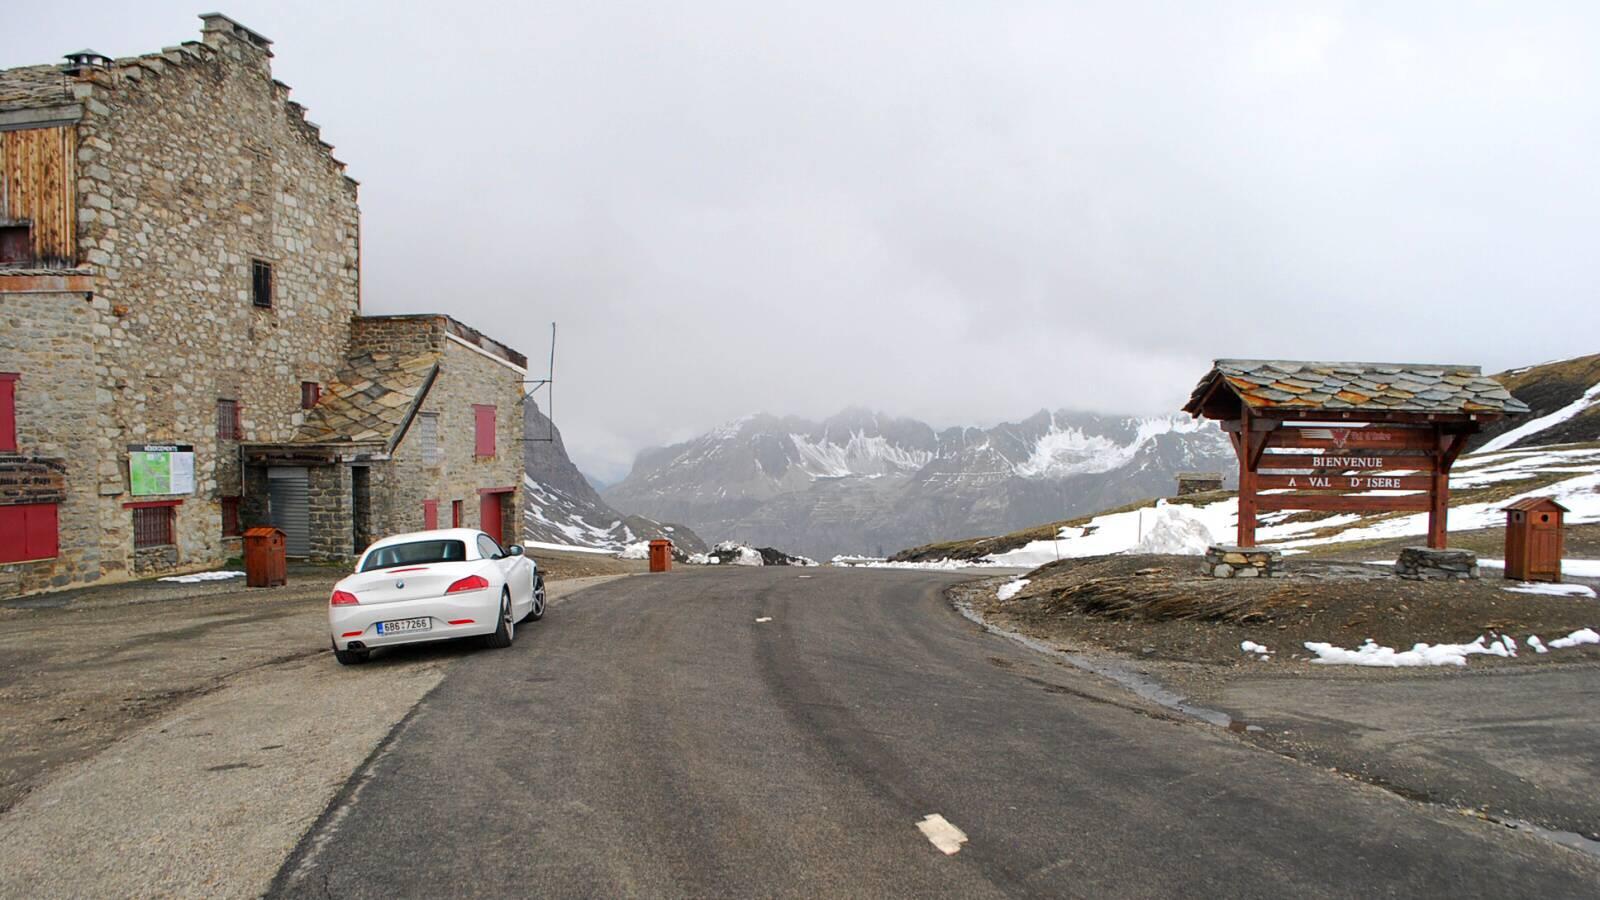 Hledání nejlepší silnice – 6. část: Savojské Alpy a Col de l'Iseran